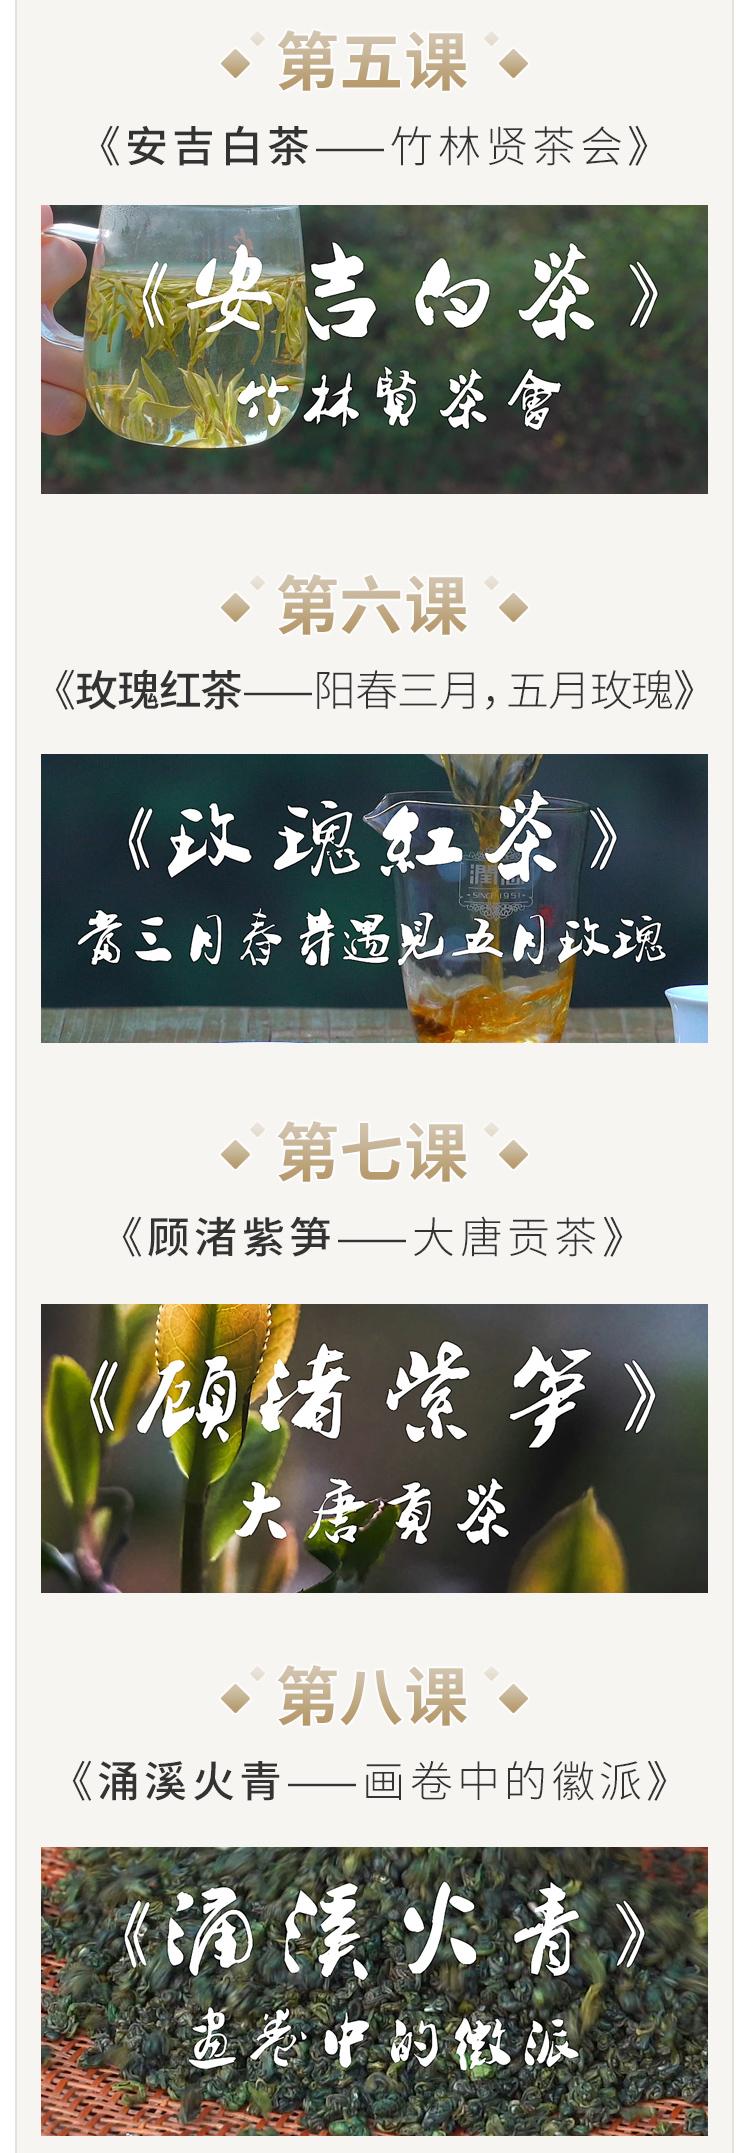 茶仙子_06